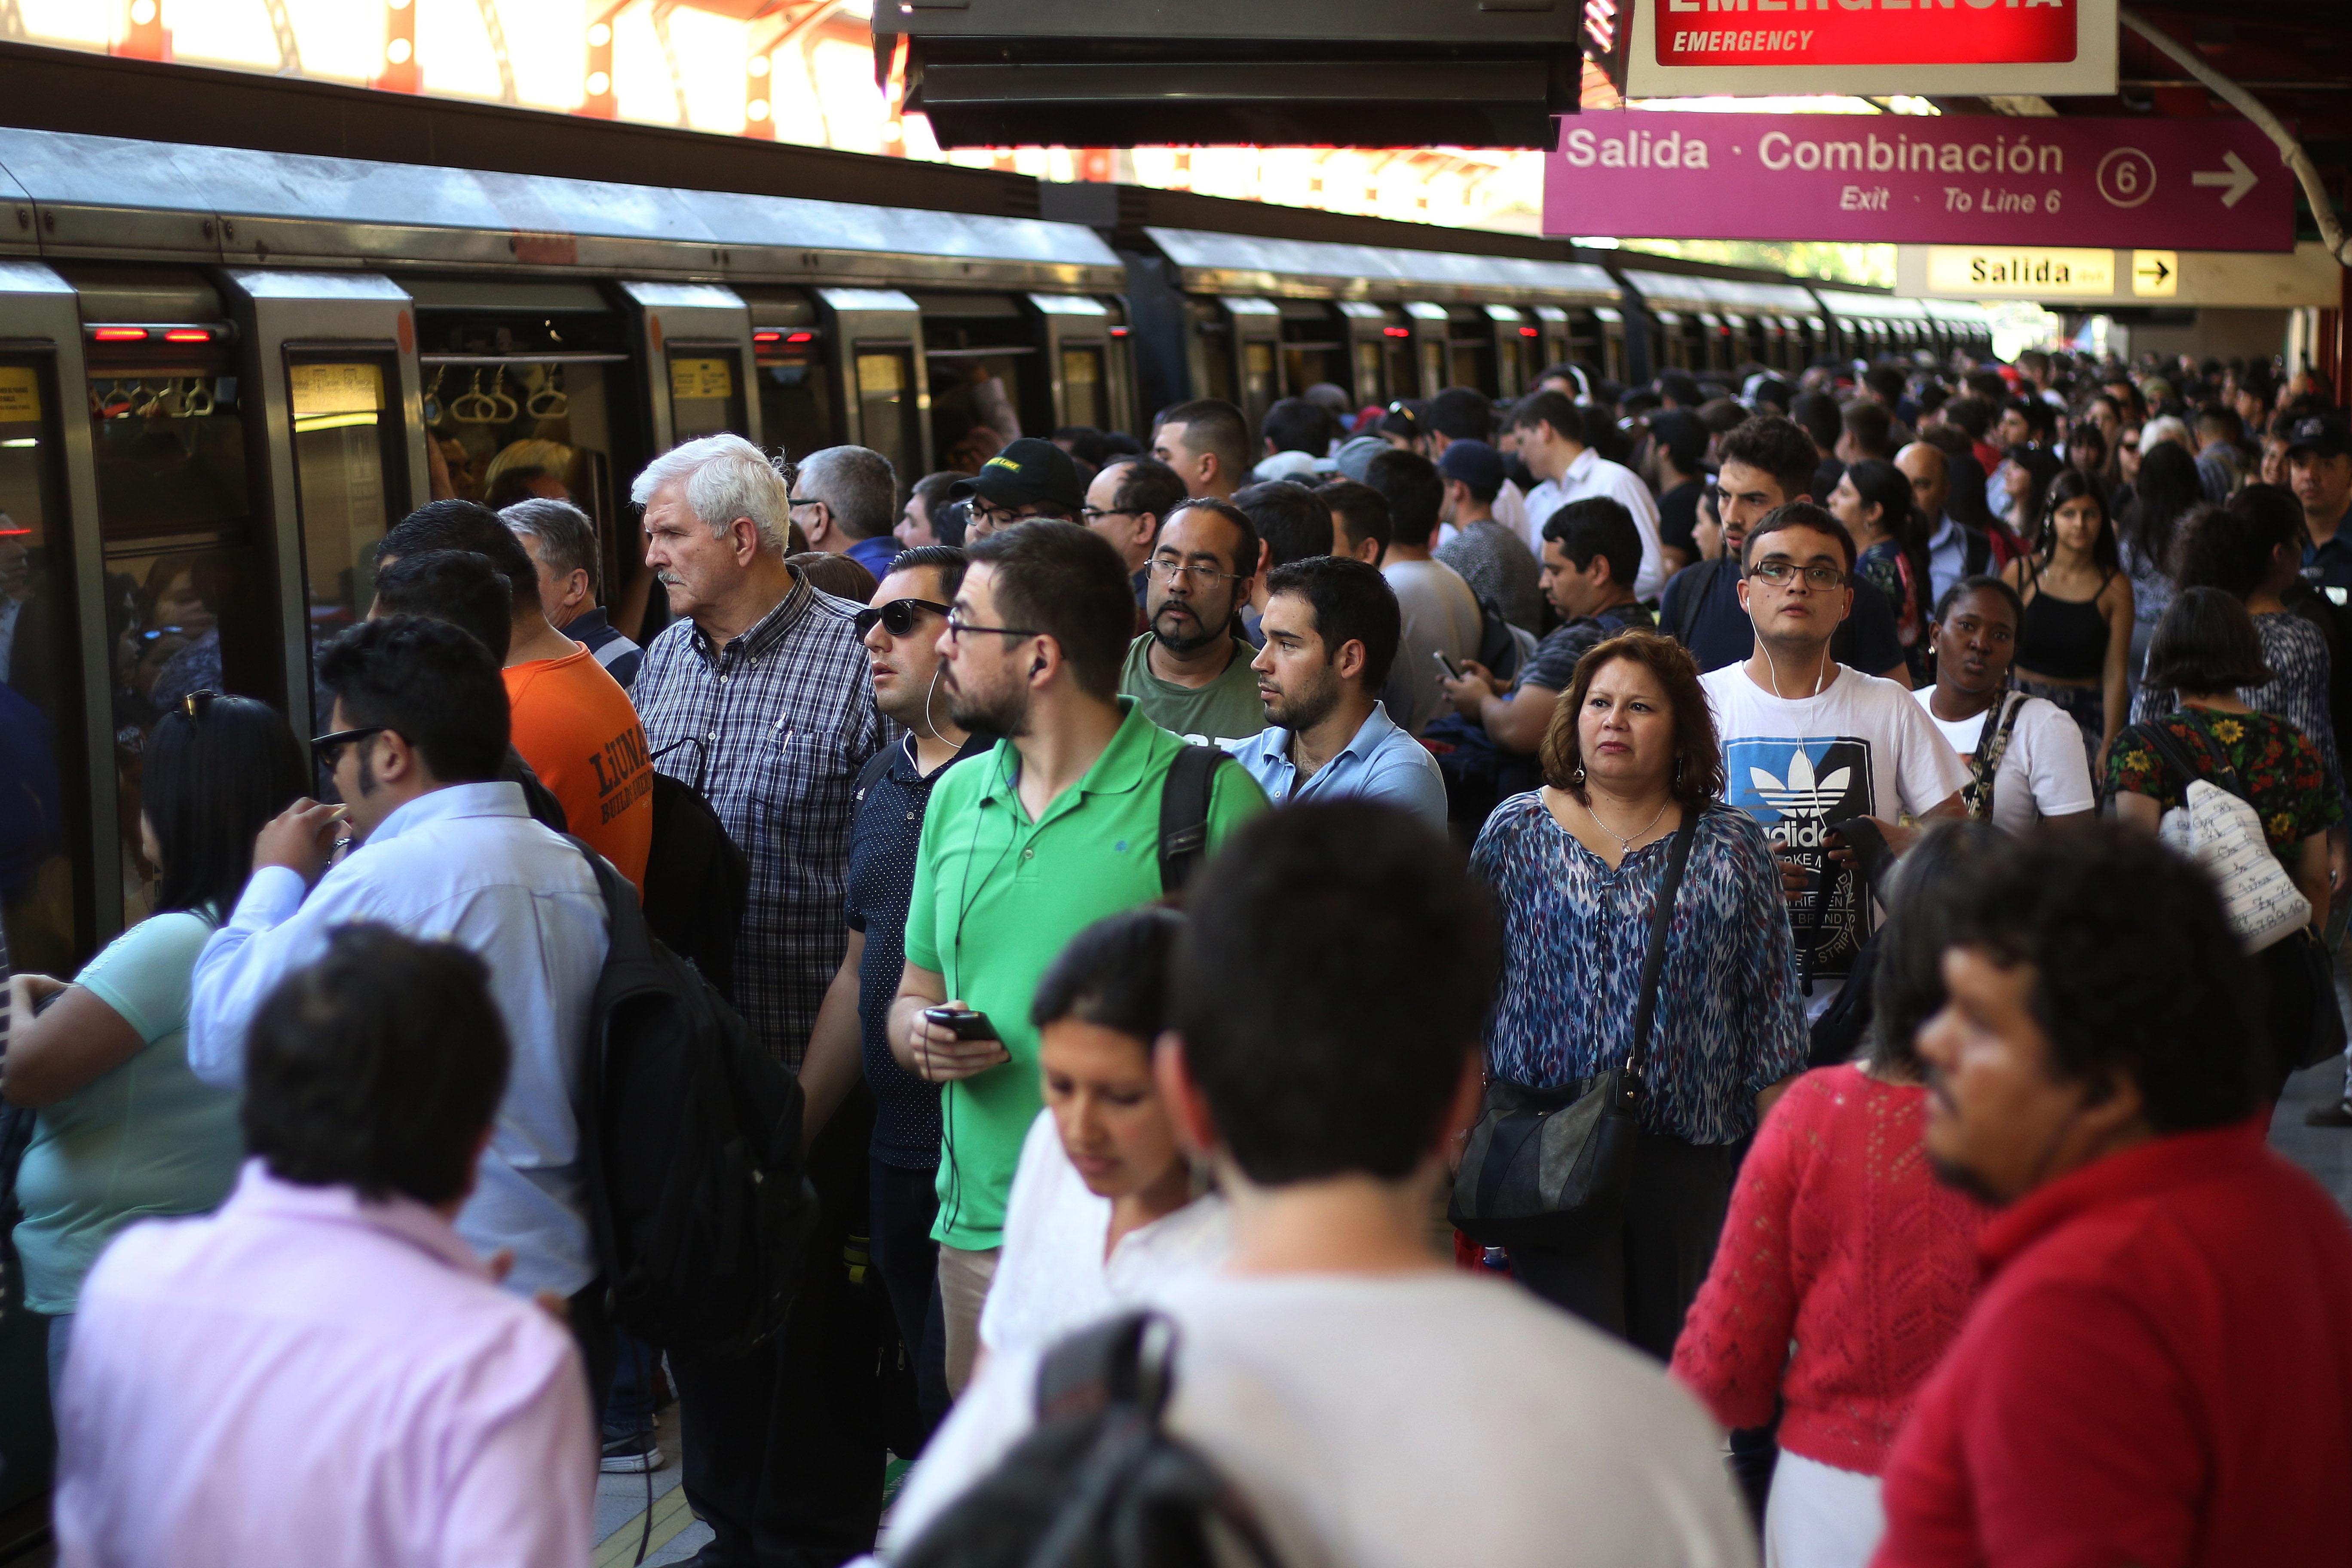 Metro informó que la Línea 5 se encuentra operando de forma parcial